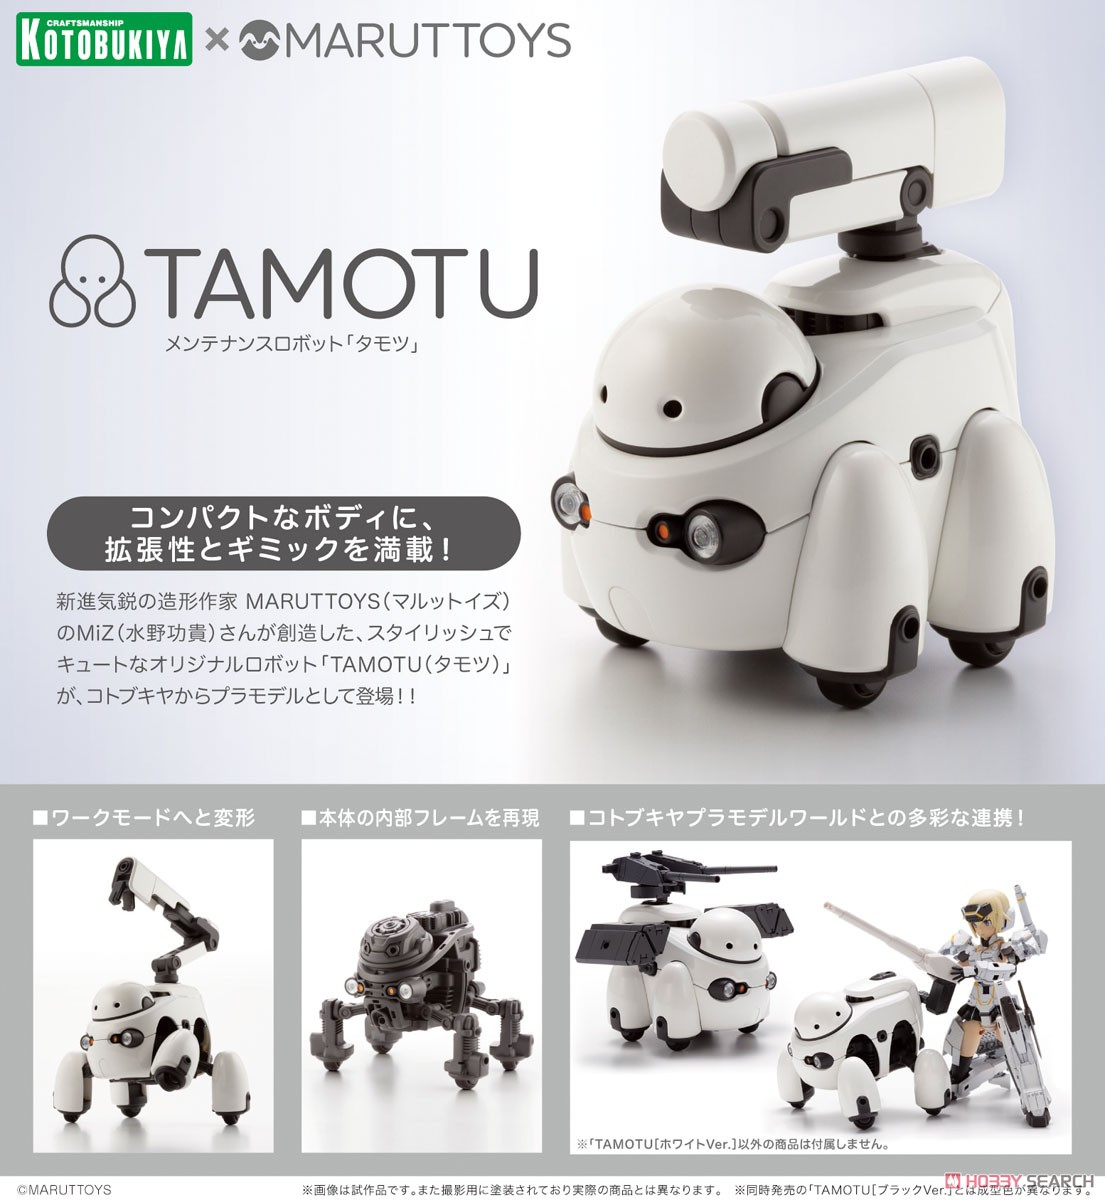 MARUTTOYS『TAMOTU[ブラックVer.]』マルットイズ 1/12 プラモデル-038